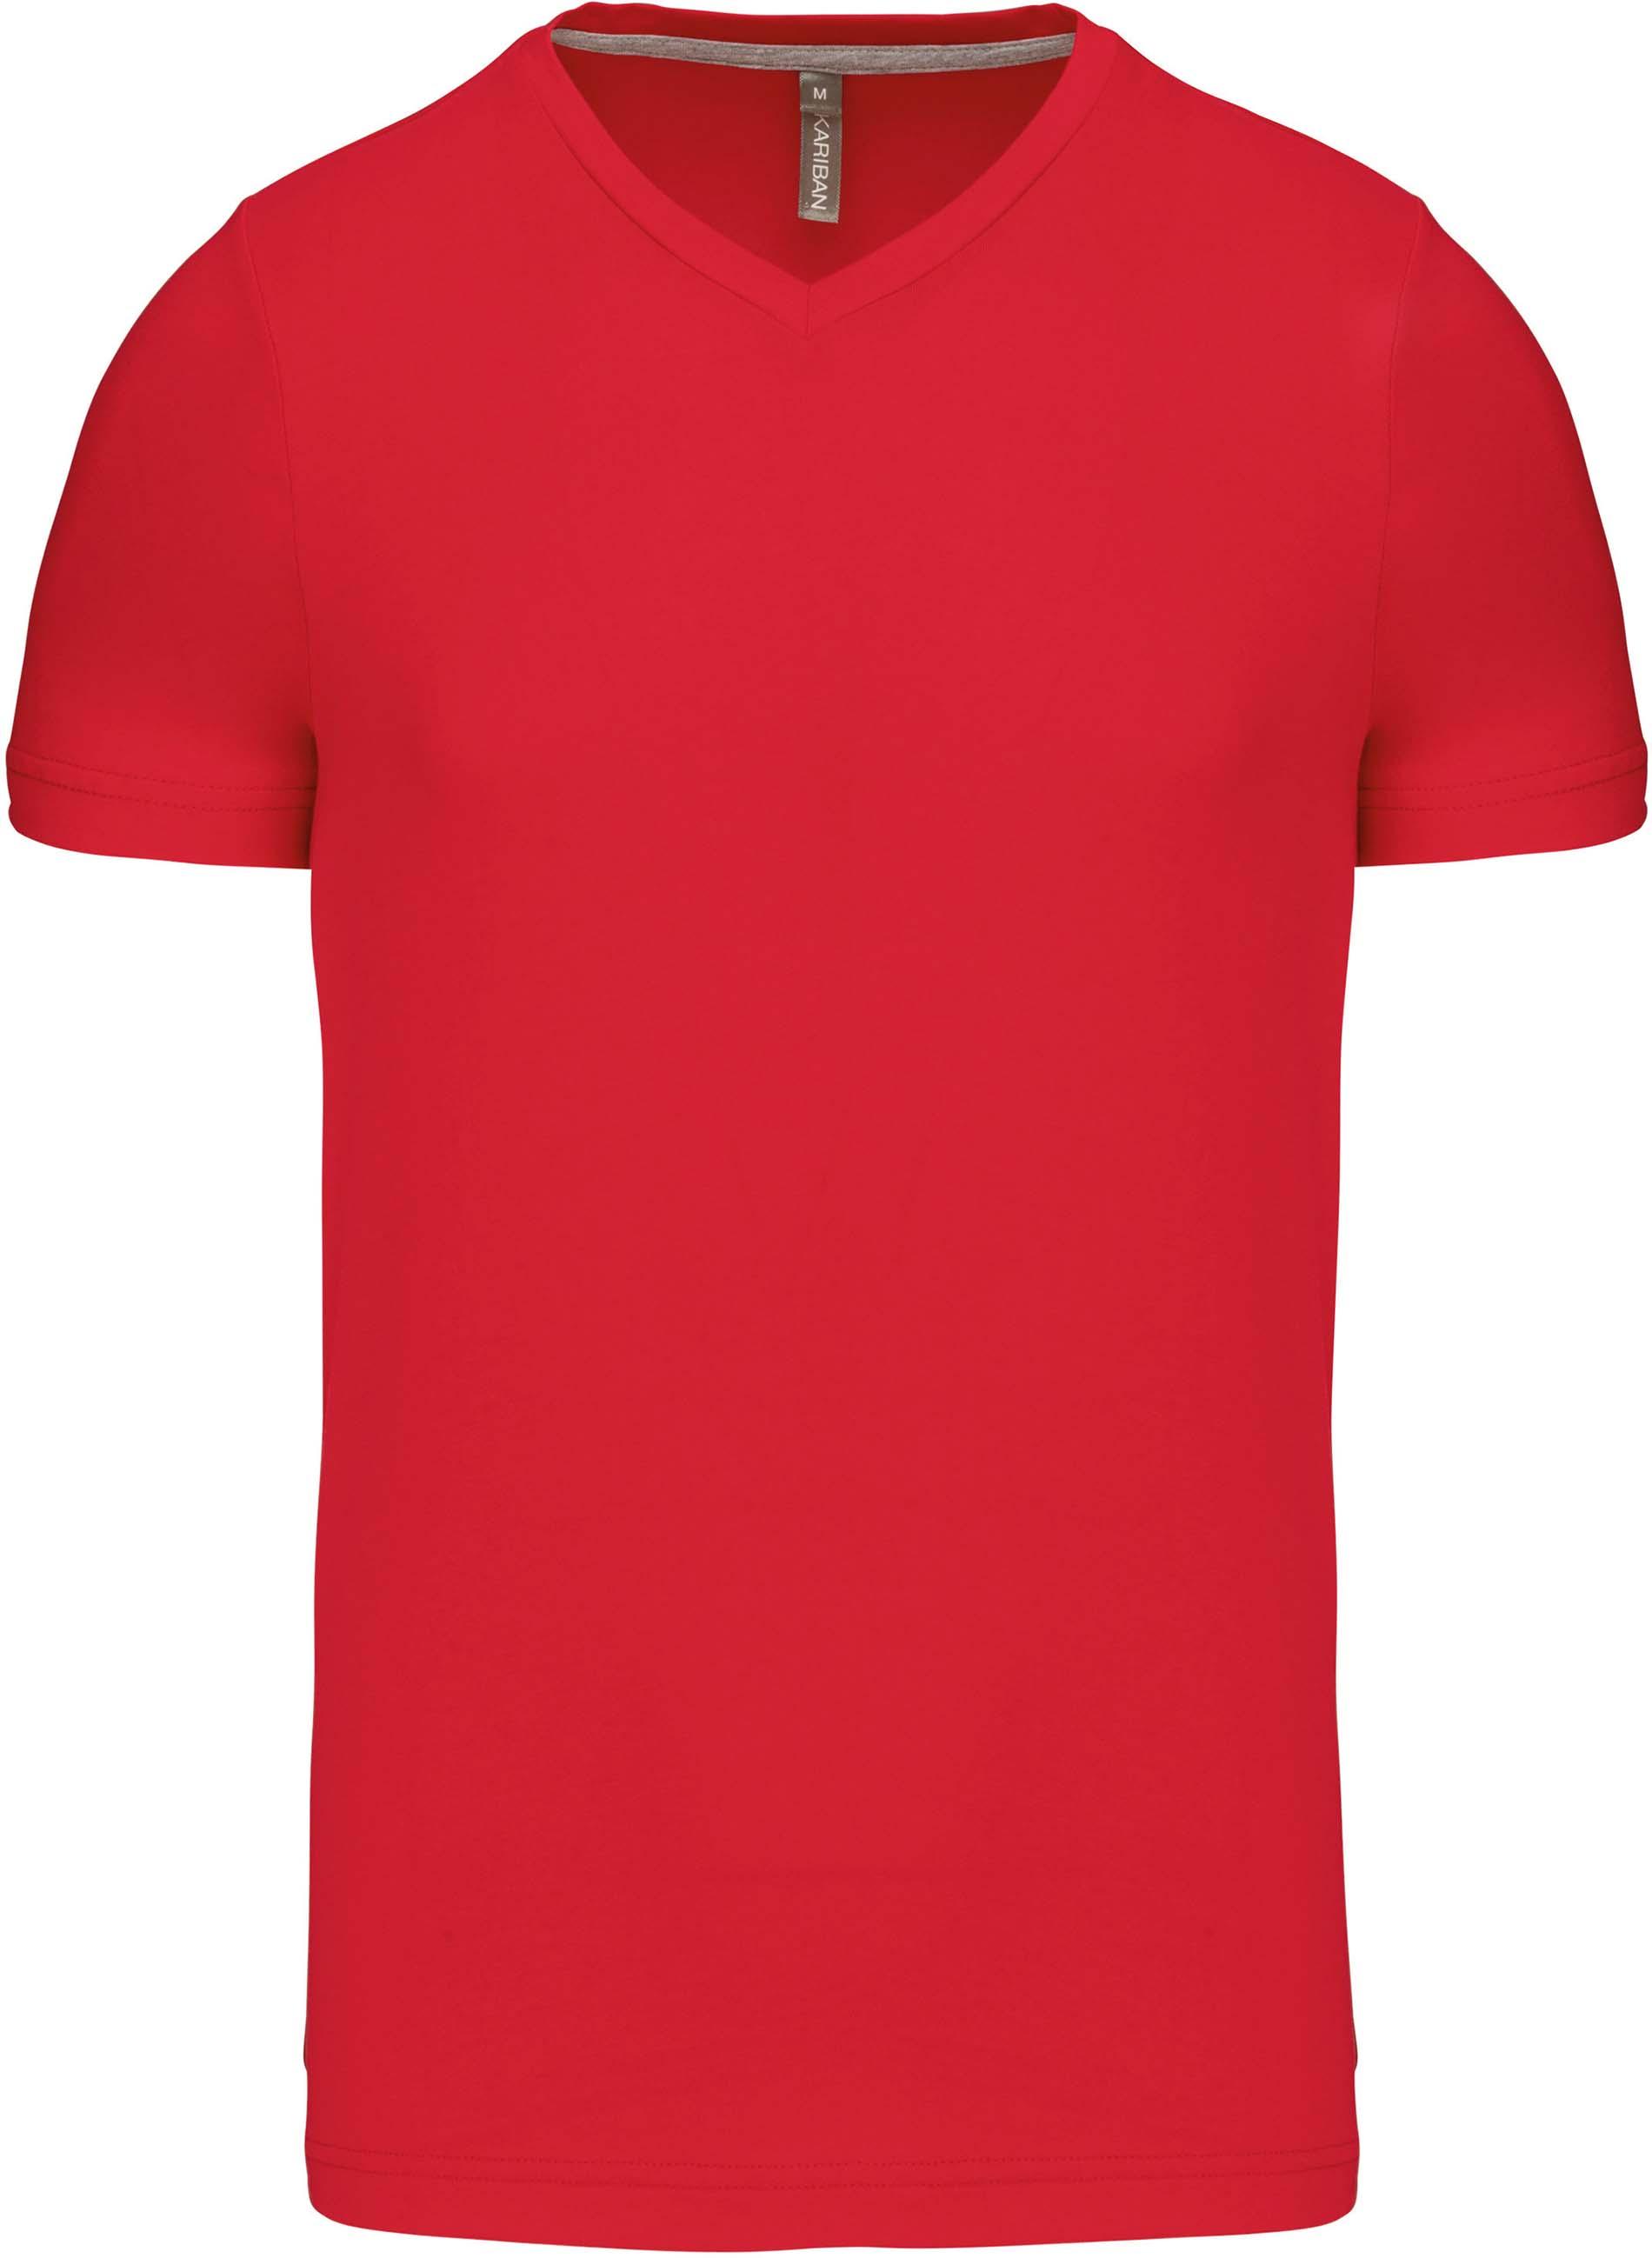 Pánské tričko kr.rukáv V-neck. Barva: Red